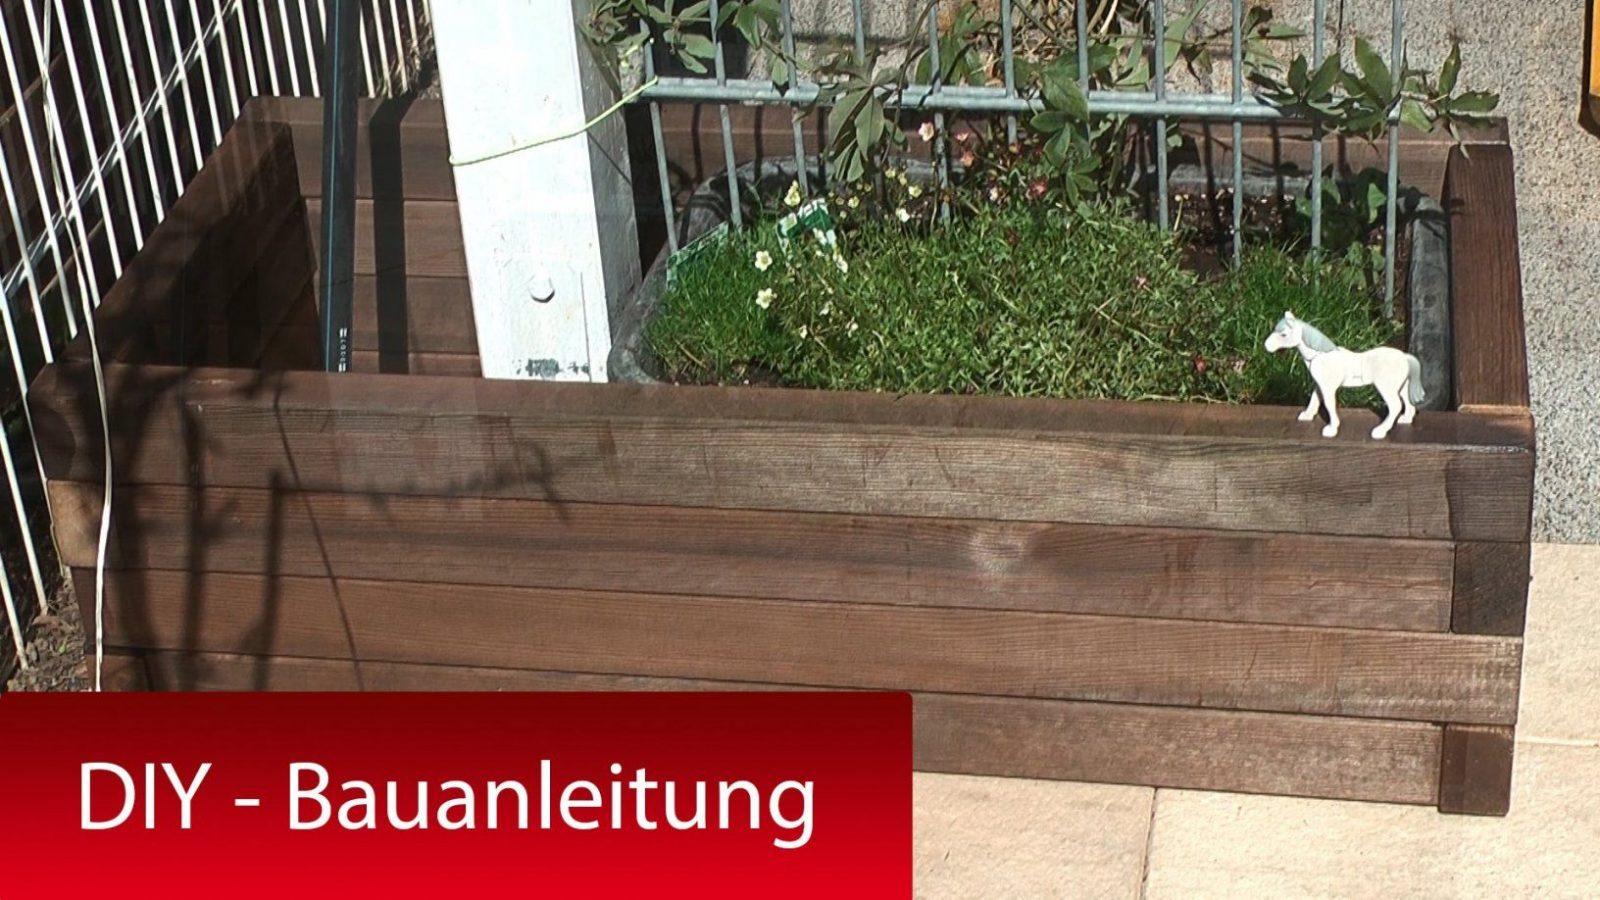 Pflanzkasten Pflanzkübel Mit Rankhilfe Selber Bauen  Diy Tutorial von Holz Pflanzkübel Selber Bauen Photo